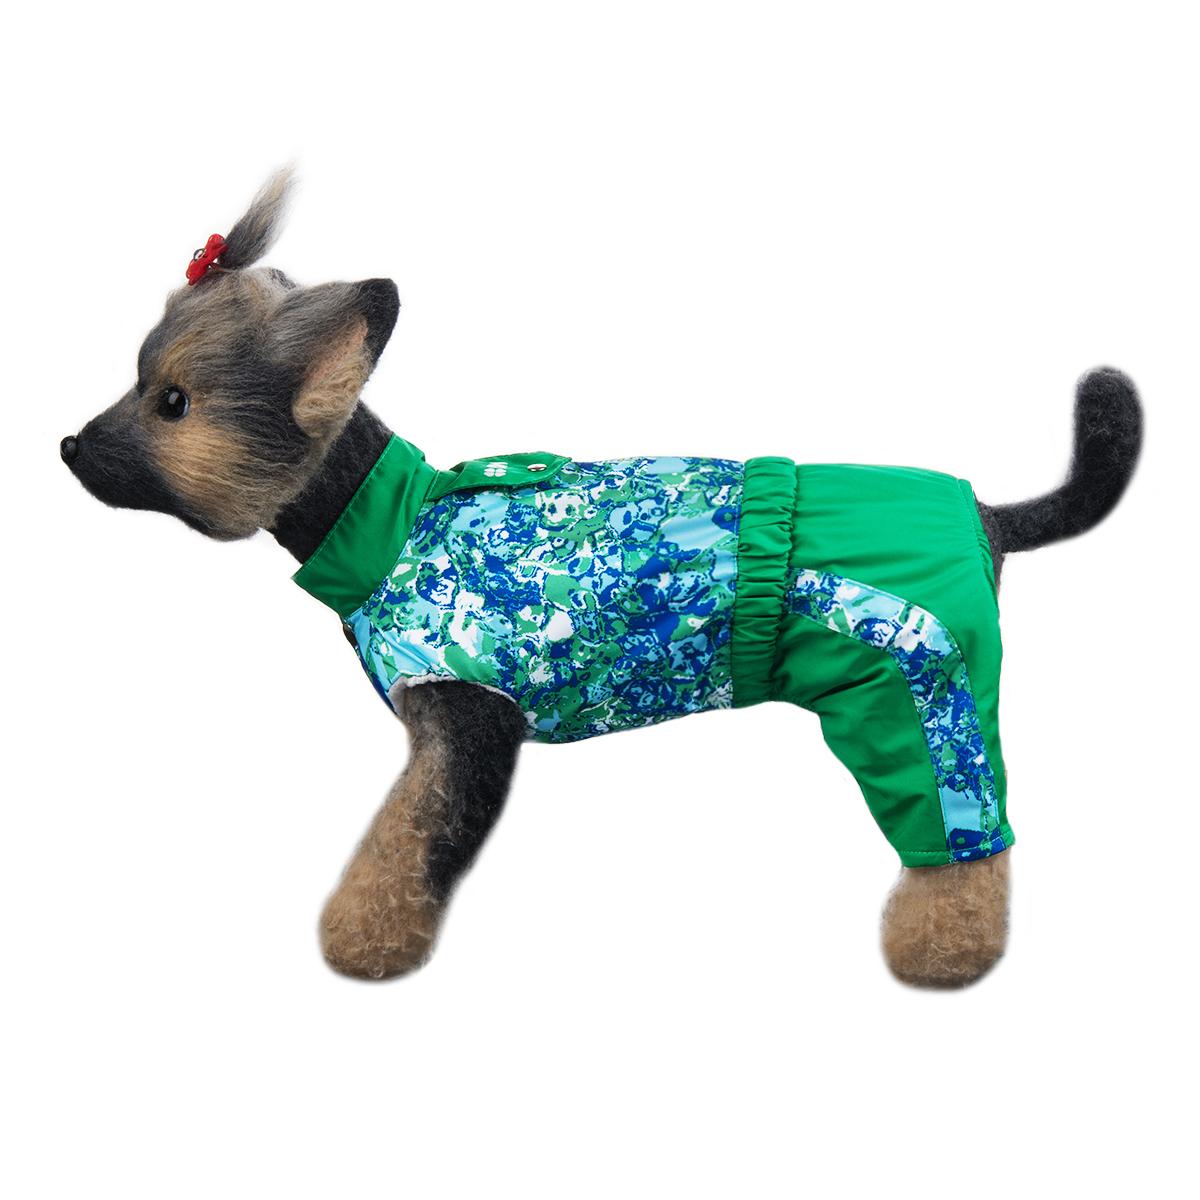 Комбинезон для собак Dogmoda Грин, унисекс, цвет: зеленый, синий, белый. Размер 3 (L) комбинезон для собак dogmoda тревел для девочки цвет серый розовый размер 3 l